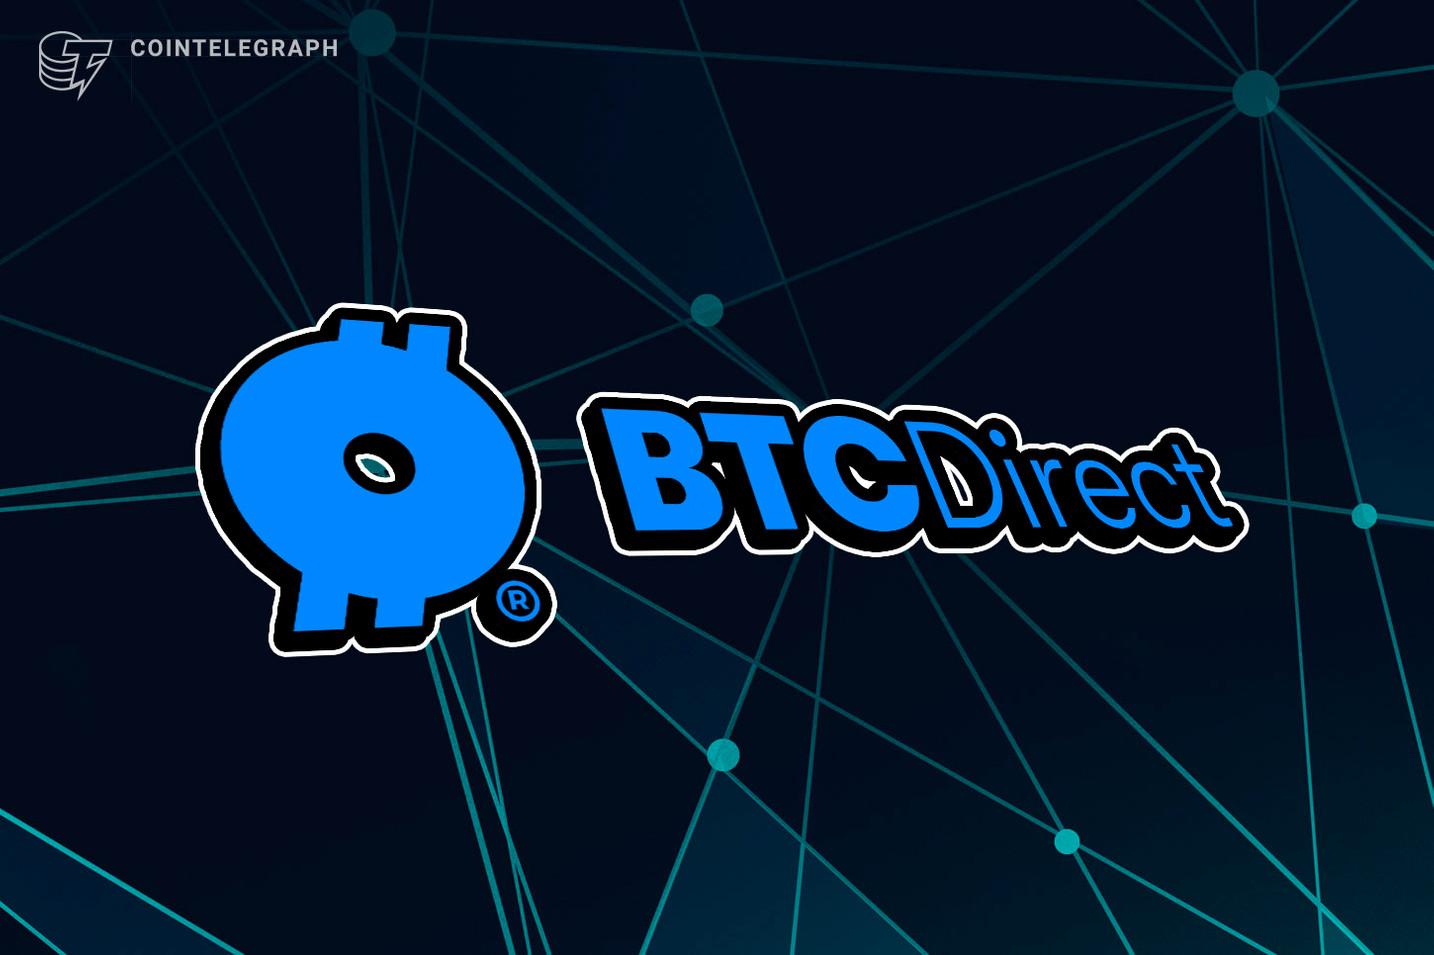 法币网关BTC Direct获得1100万欧元A轮融资